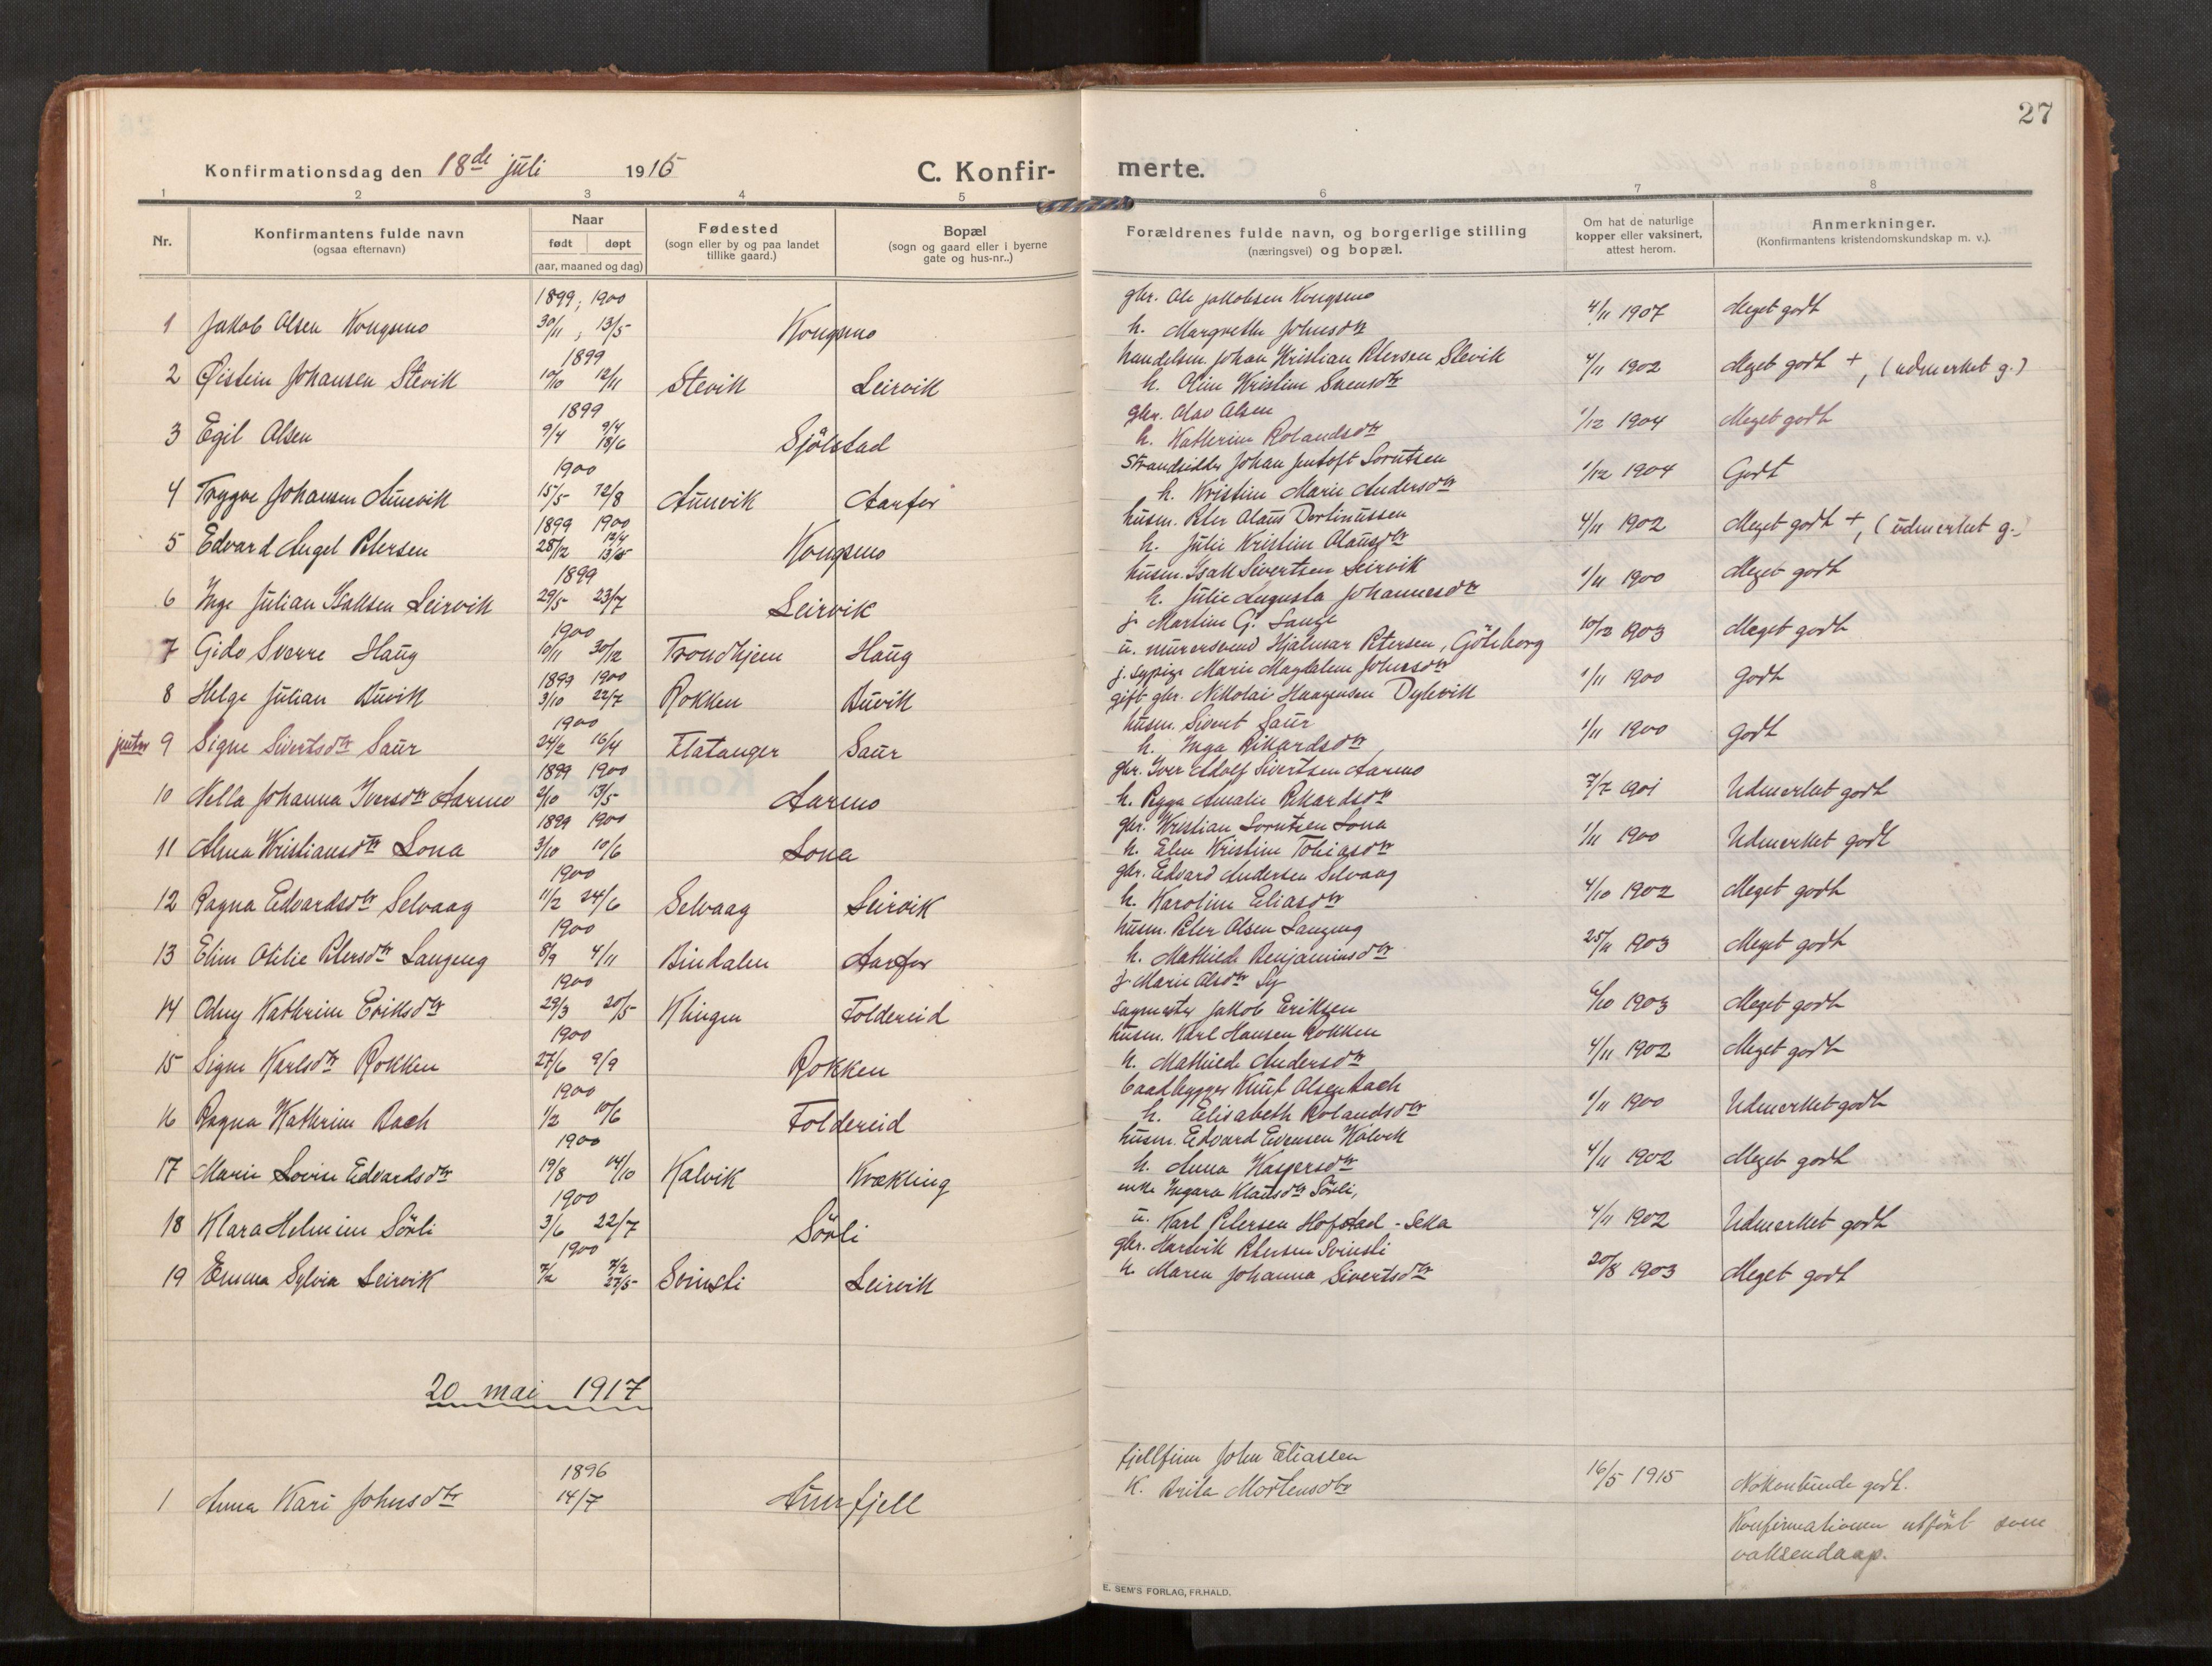 SAT, Kolvereid sokneprestkontor, H/Ha/Haa/L0002: Parish register (official) no. 2, 1914-1926, p. 27